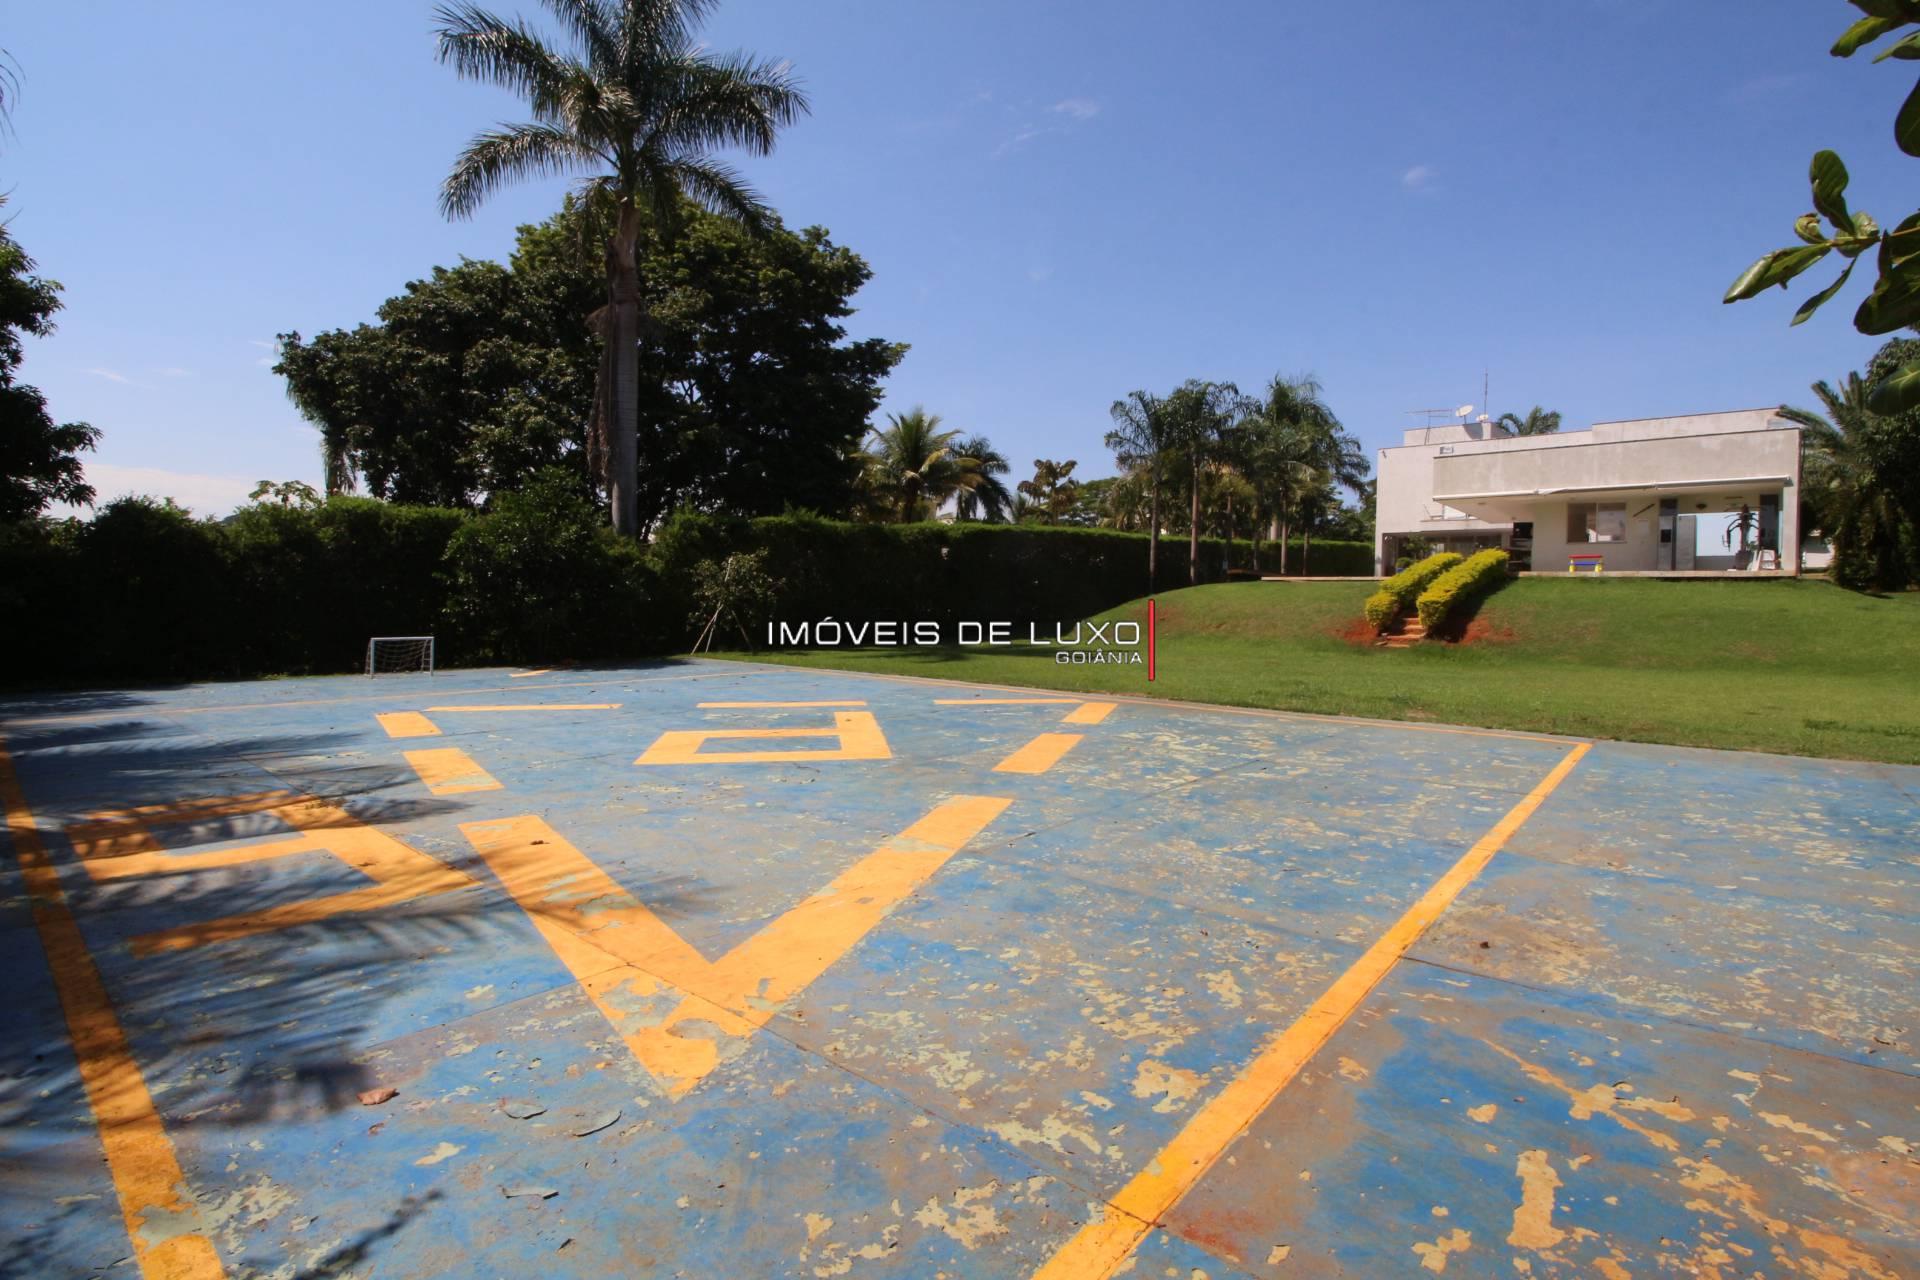 Imóveis de Luxo - Sobrado com heliponto particular no Aldeia do Vale